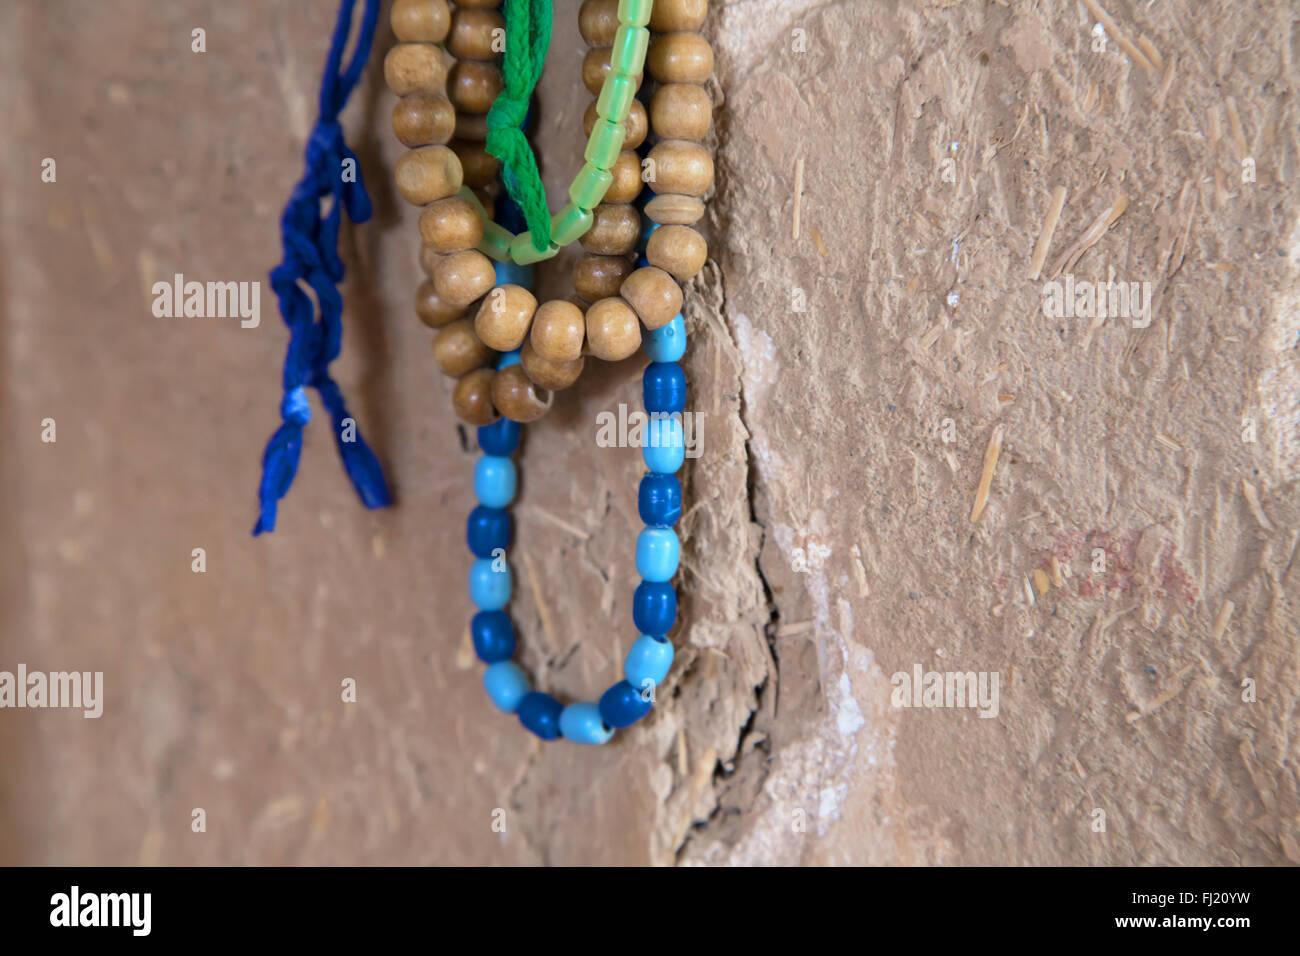 Das islamische Gebet Perlen, Rosenkranz, Yazd, Iran Stockbild